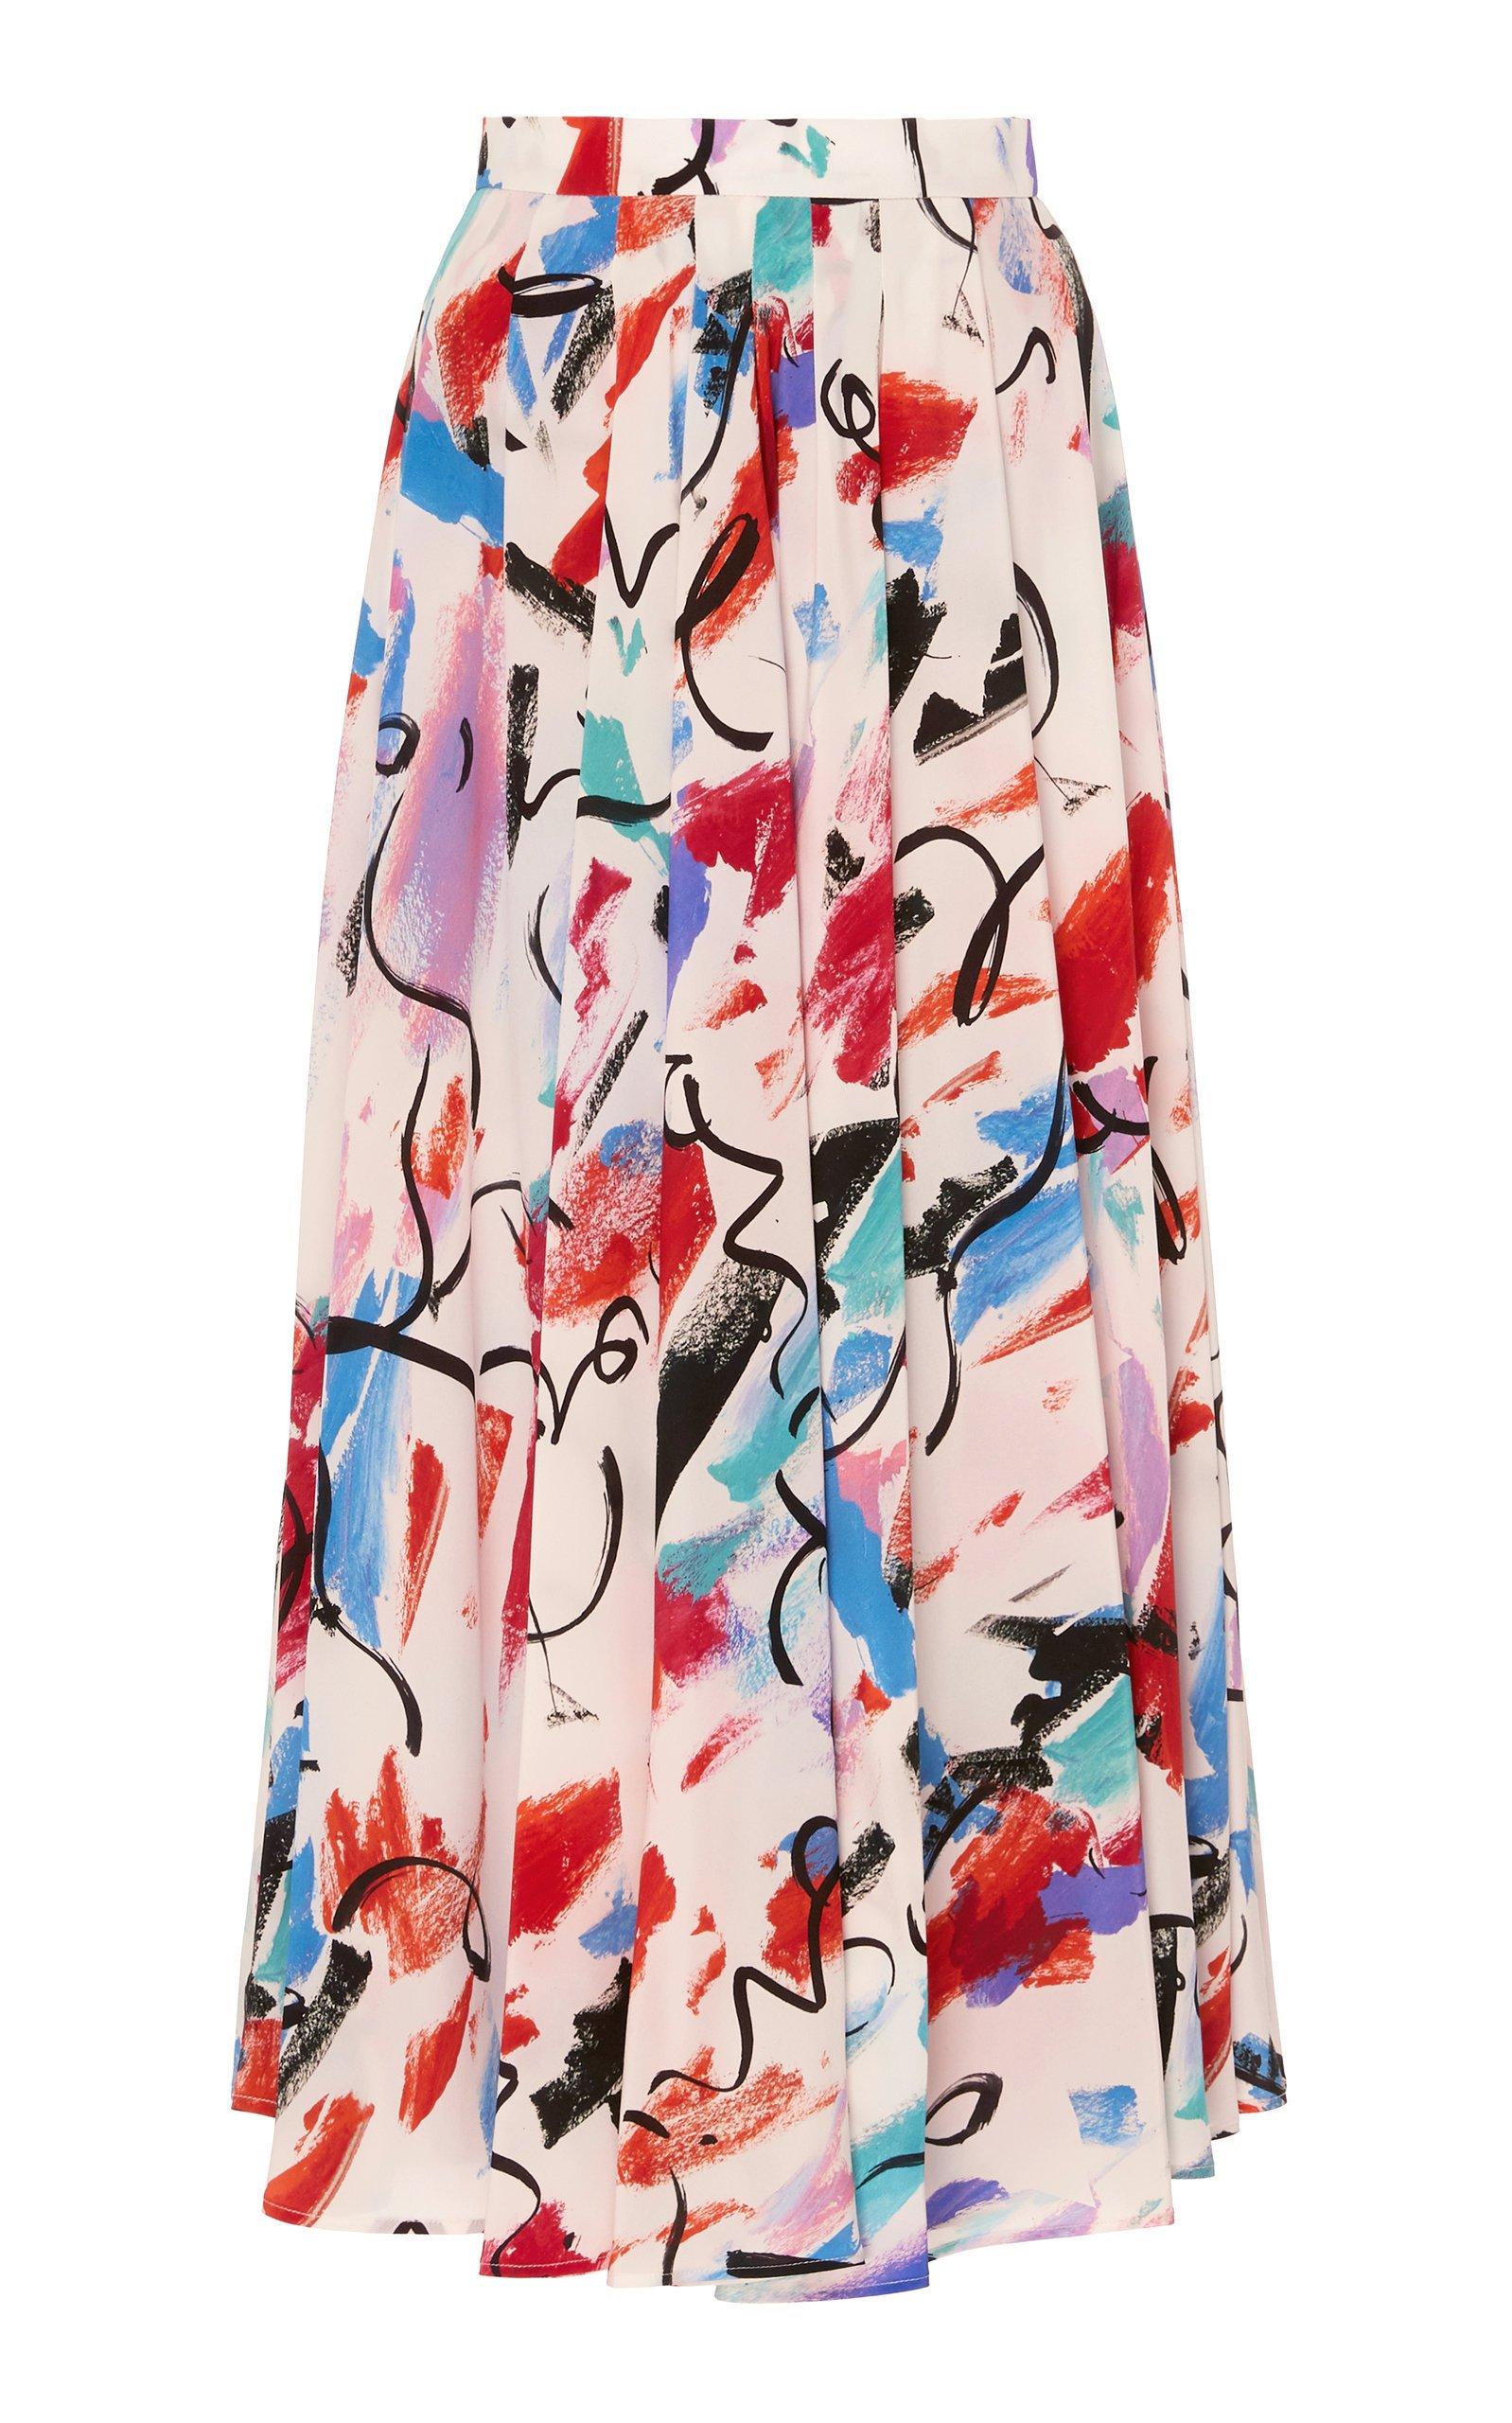 SOONIL Multi Printed Pleated Skirt Size: 10